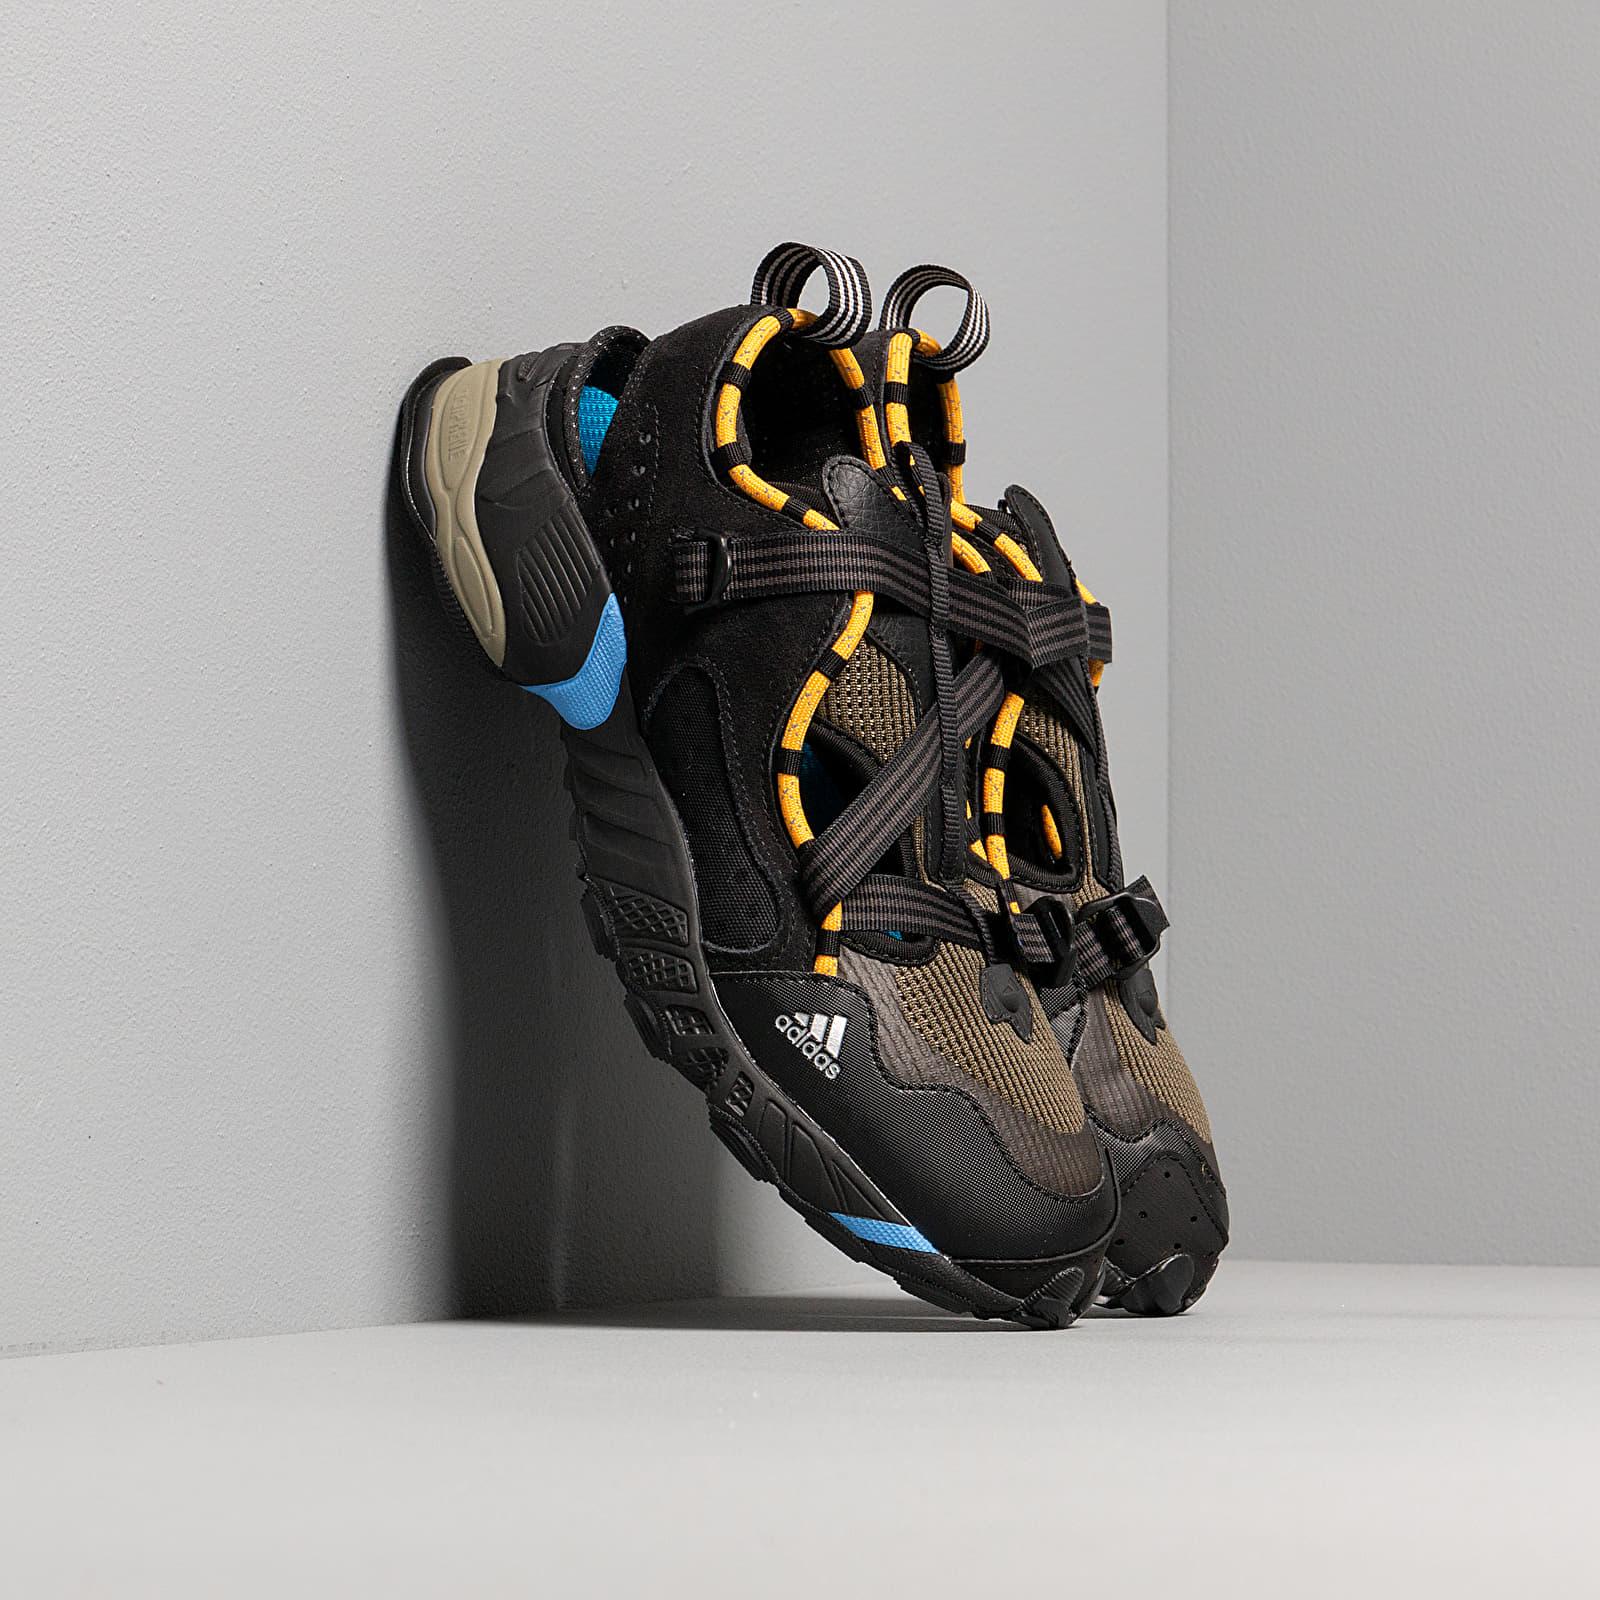 Pánské tenisky a boty adidas Novaturbo H6100LT Core Black/ Active Gold/ Mesa